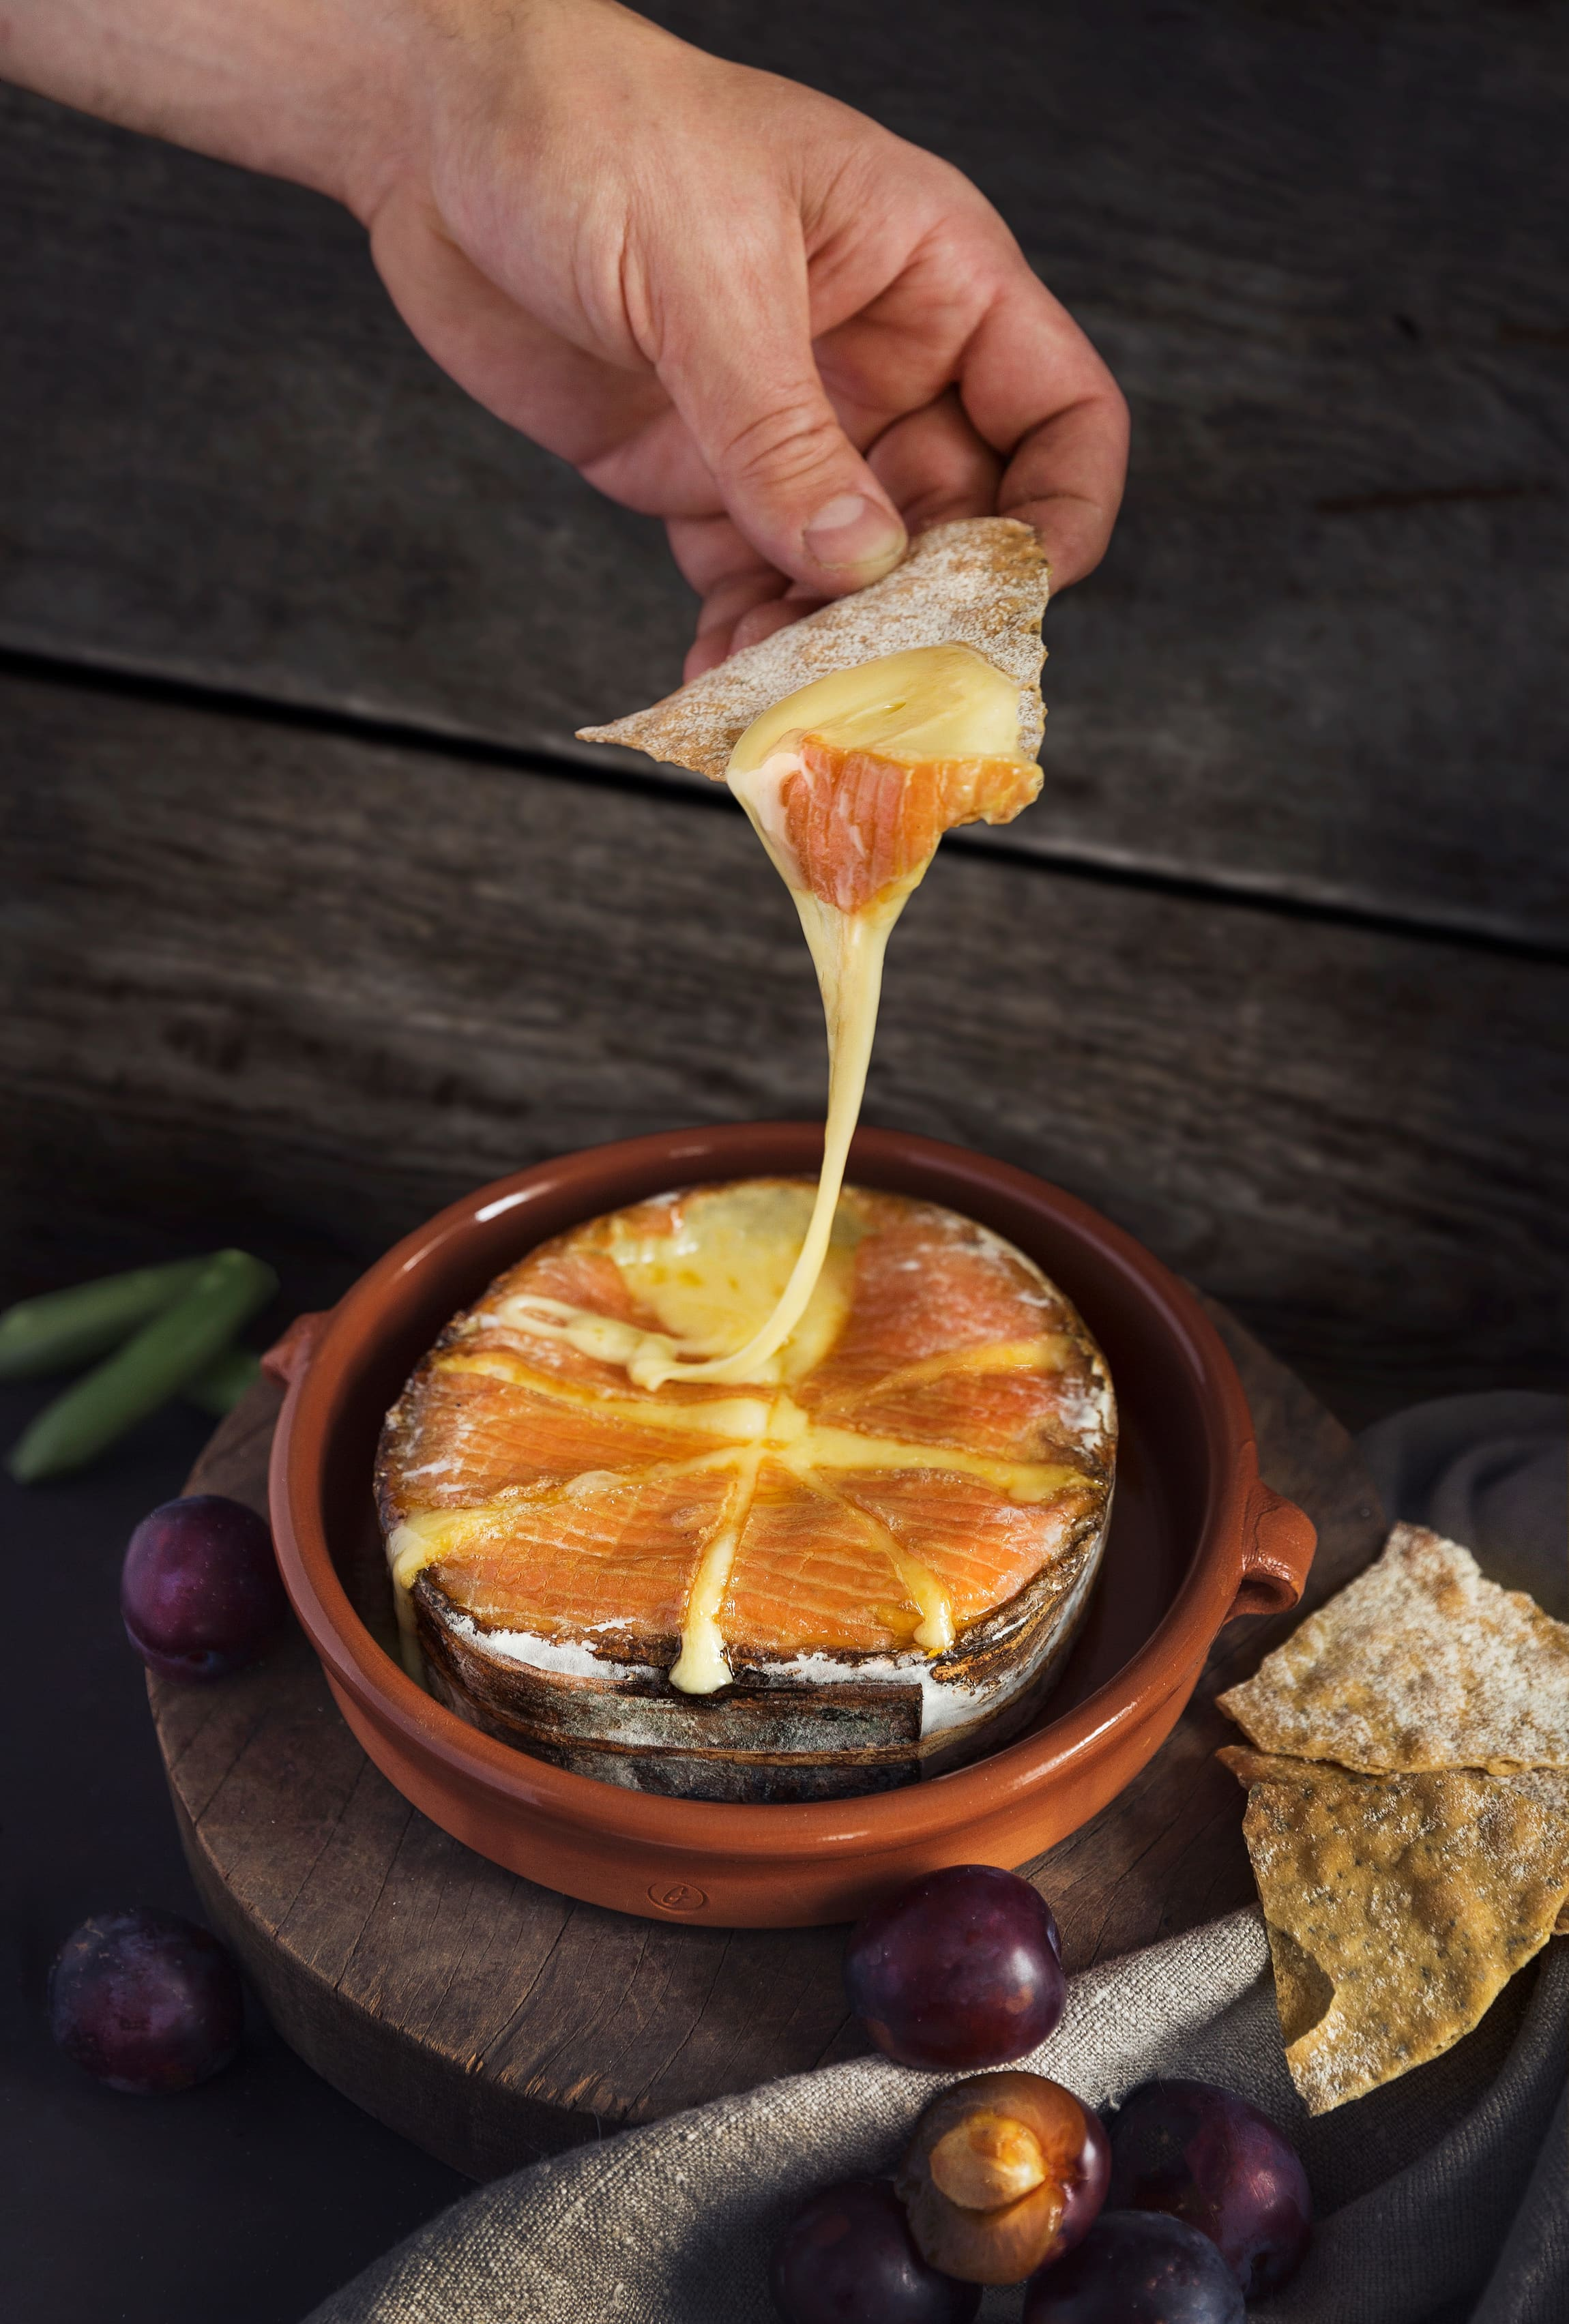 Granstubben er en Rødkittost som skal varmes i stekeovn. Osten er surret med granbark rundt kanten, og dette gir osten en særegen smak ved oppvarming.